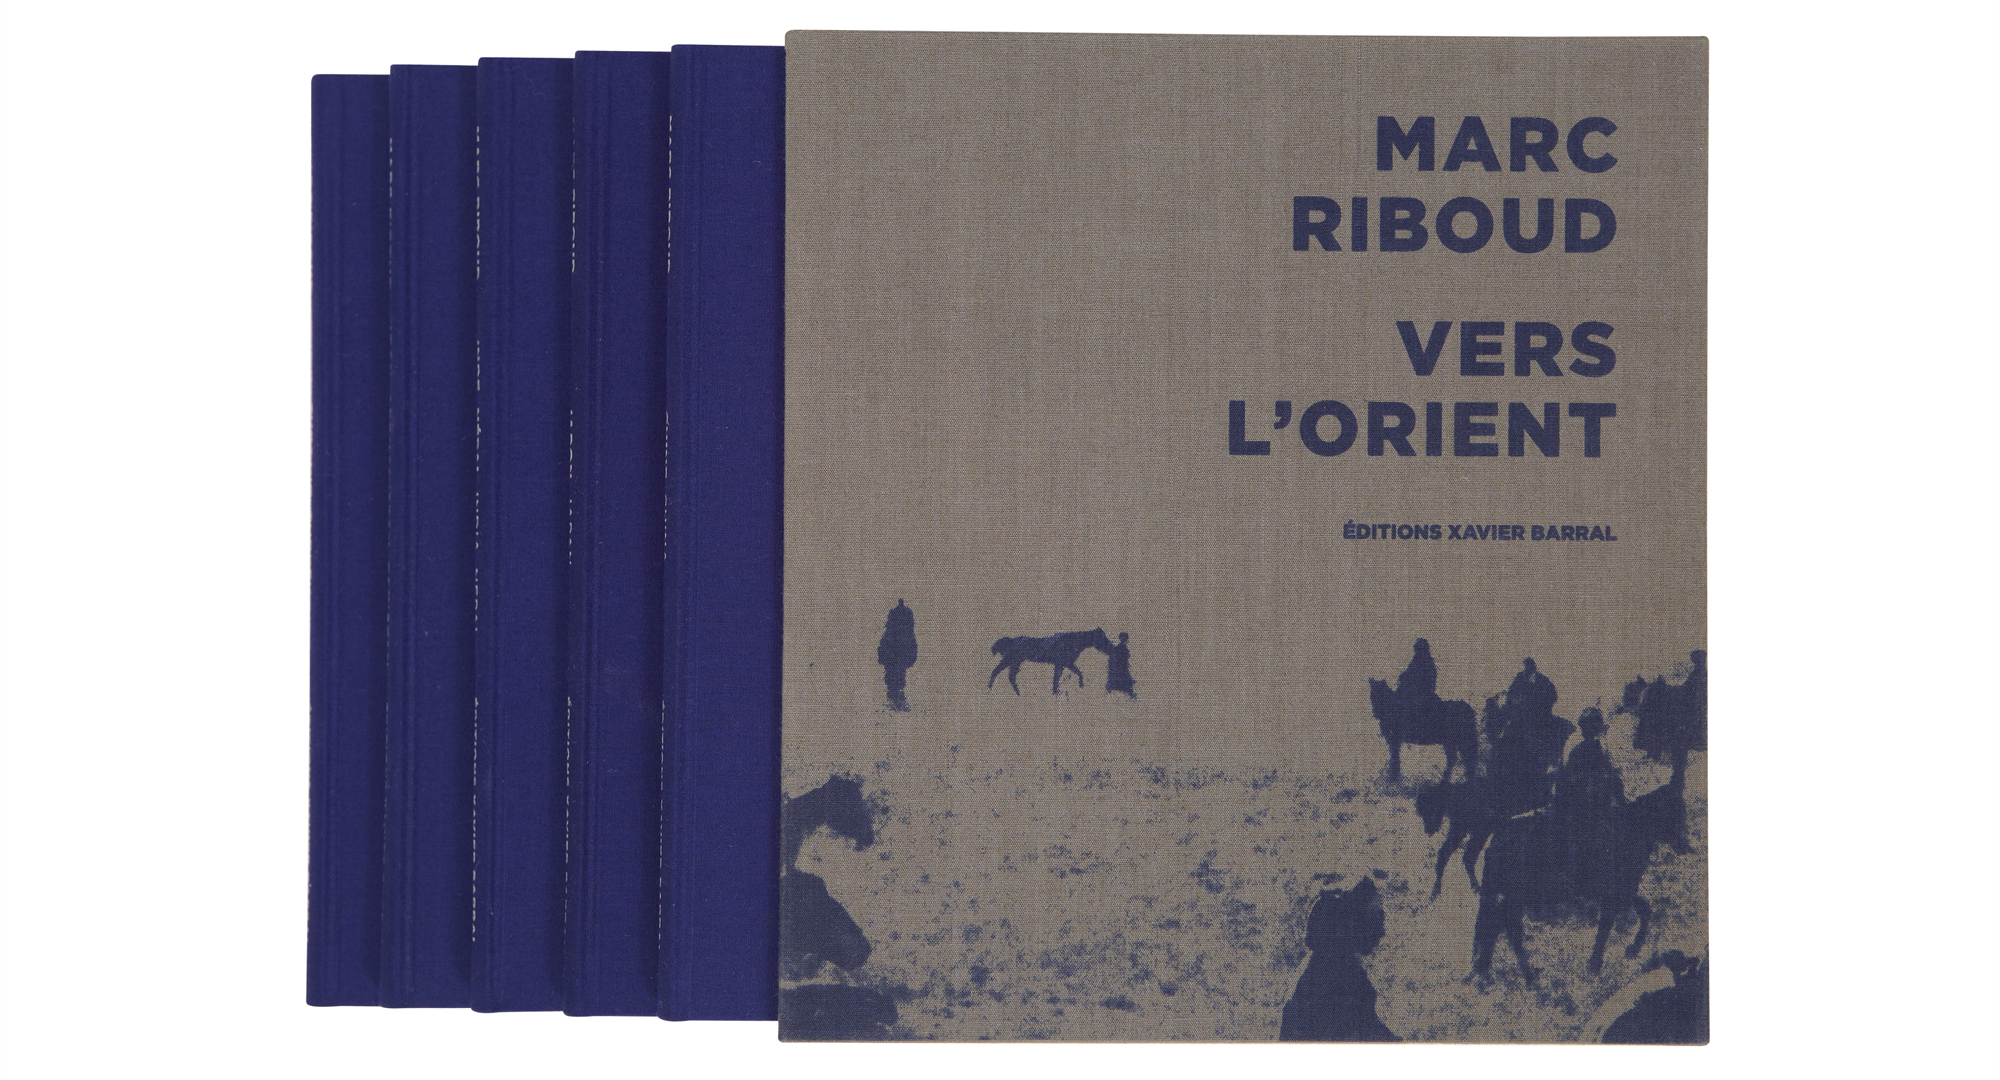 Marc Riboud - Vers l'Orient